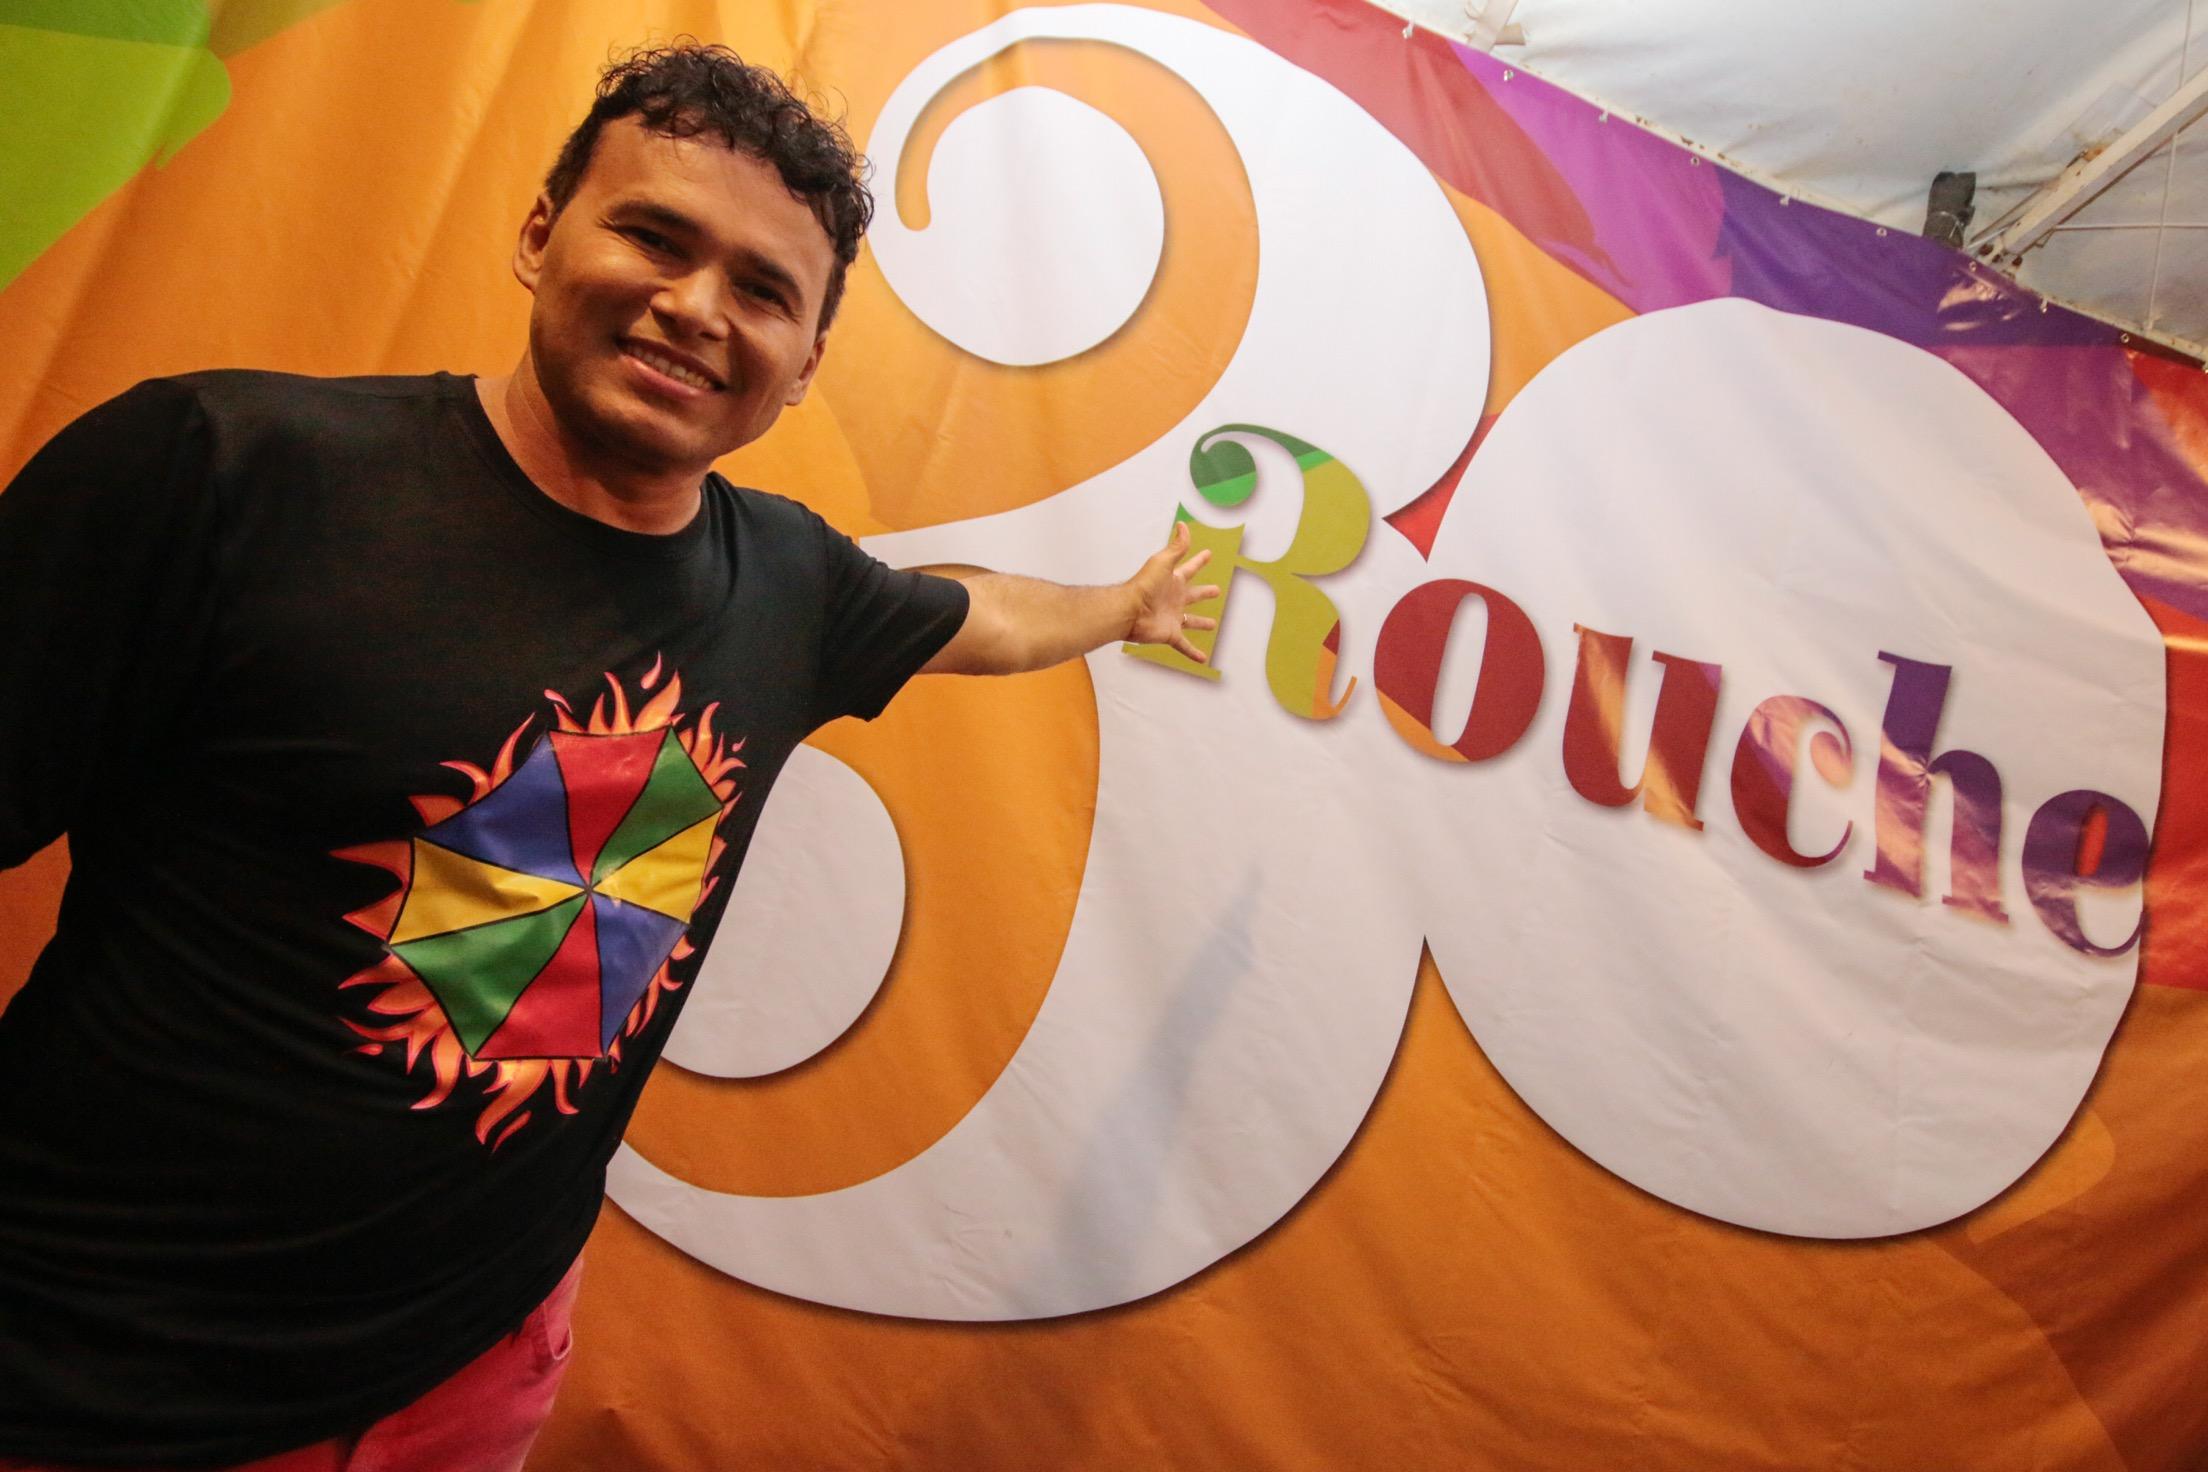 Almir Rouche e presidente da ONG Afeto entregam álbum Rouche 30 a autoridades recifenses nesta quarta-feira 21/03